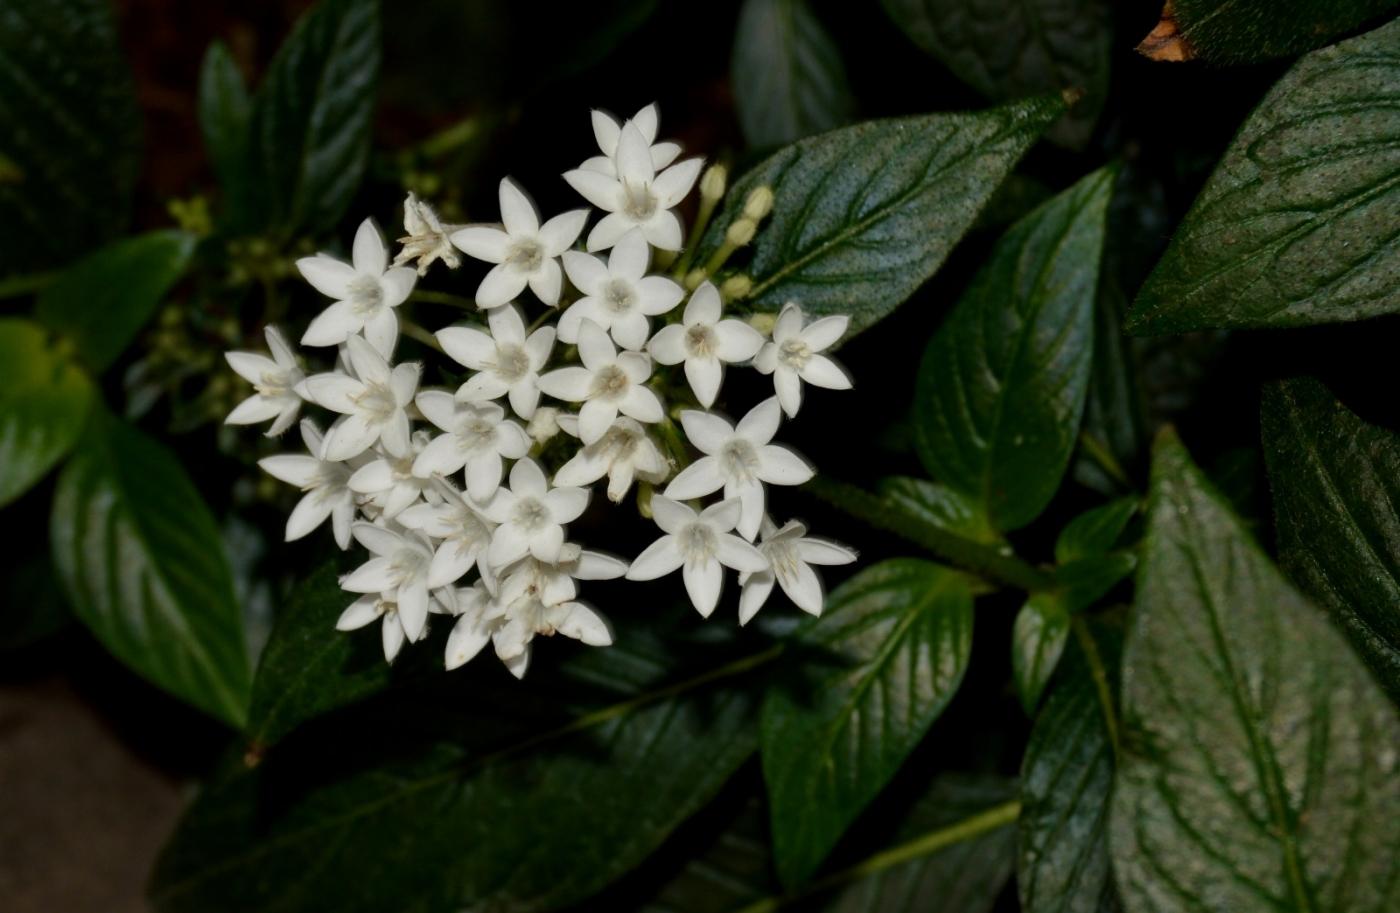 白花繁星花_图1-11